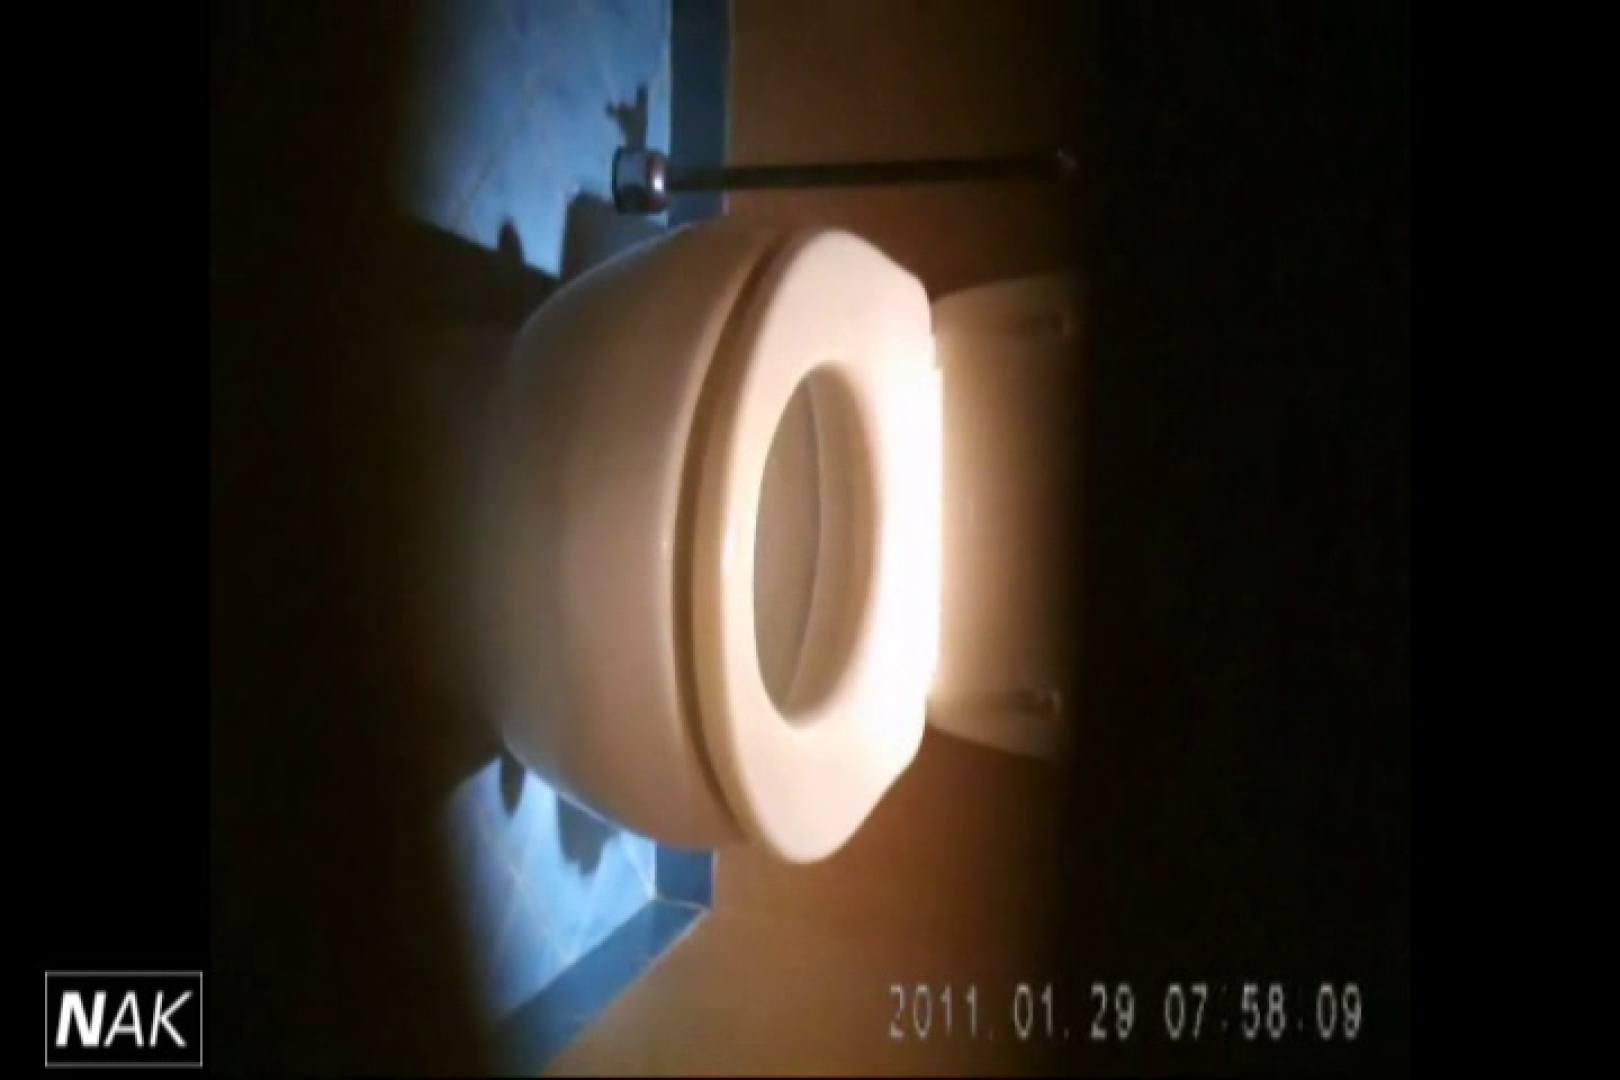 せん八さんの厠観察日記!2点監視カメラ 高画質5000K vol.16 お姉さんのエロ動画 ワレメ動画紹介 113PIX 98